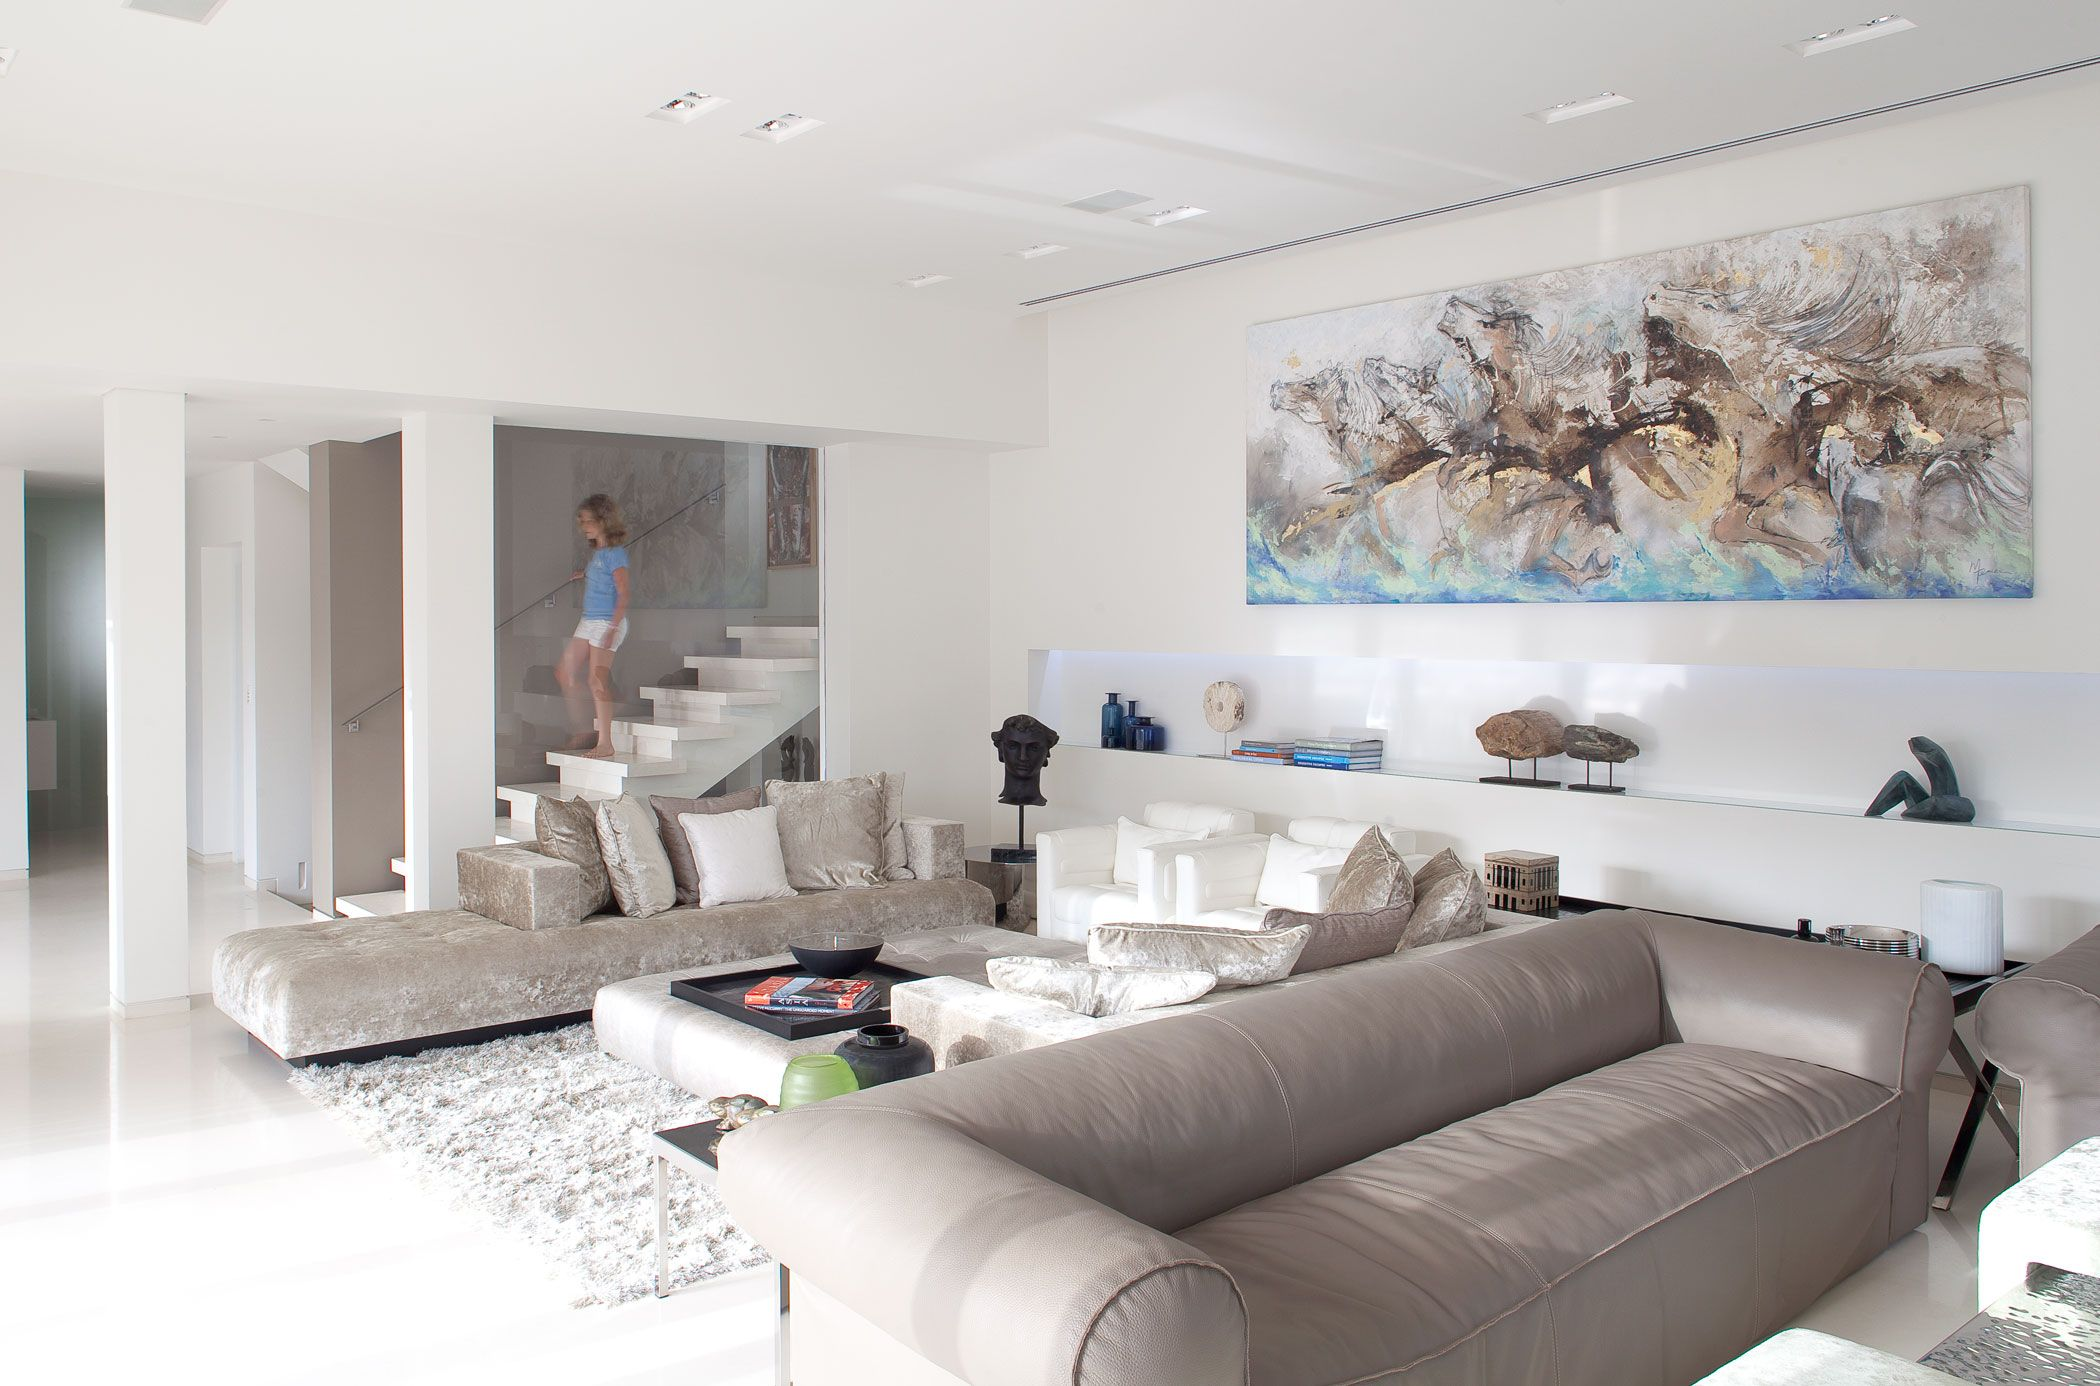 Liebenswert Bilder Fürs Wohnzimmer Dekoration Von 70 Moderne, Innovative Interieur Ideen Fürs -